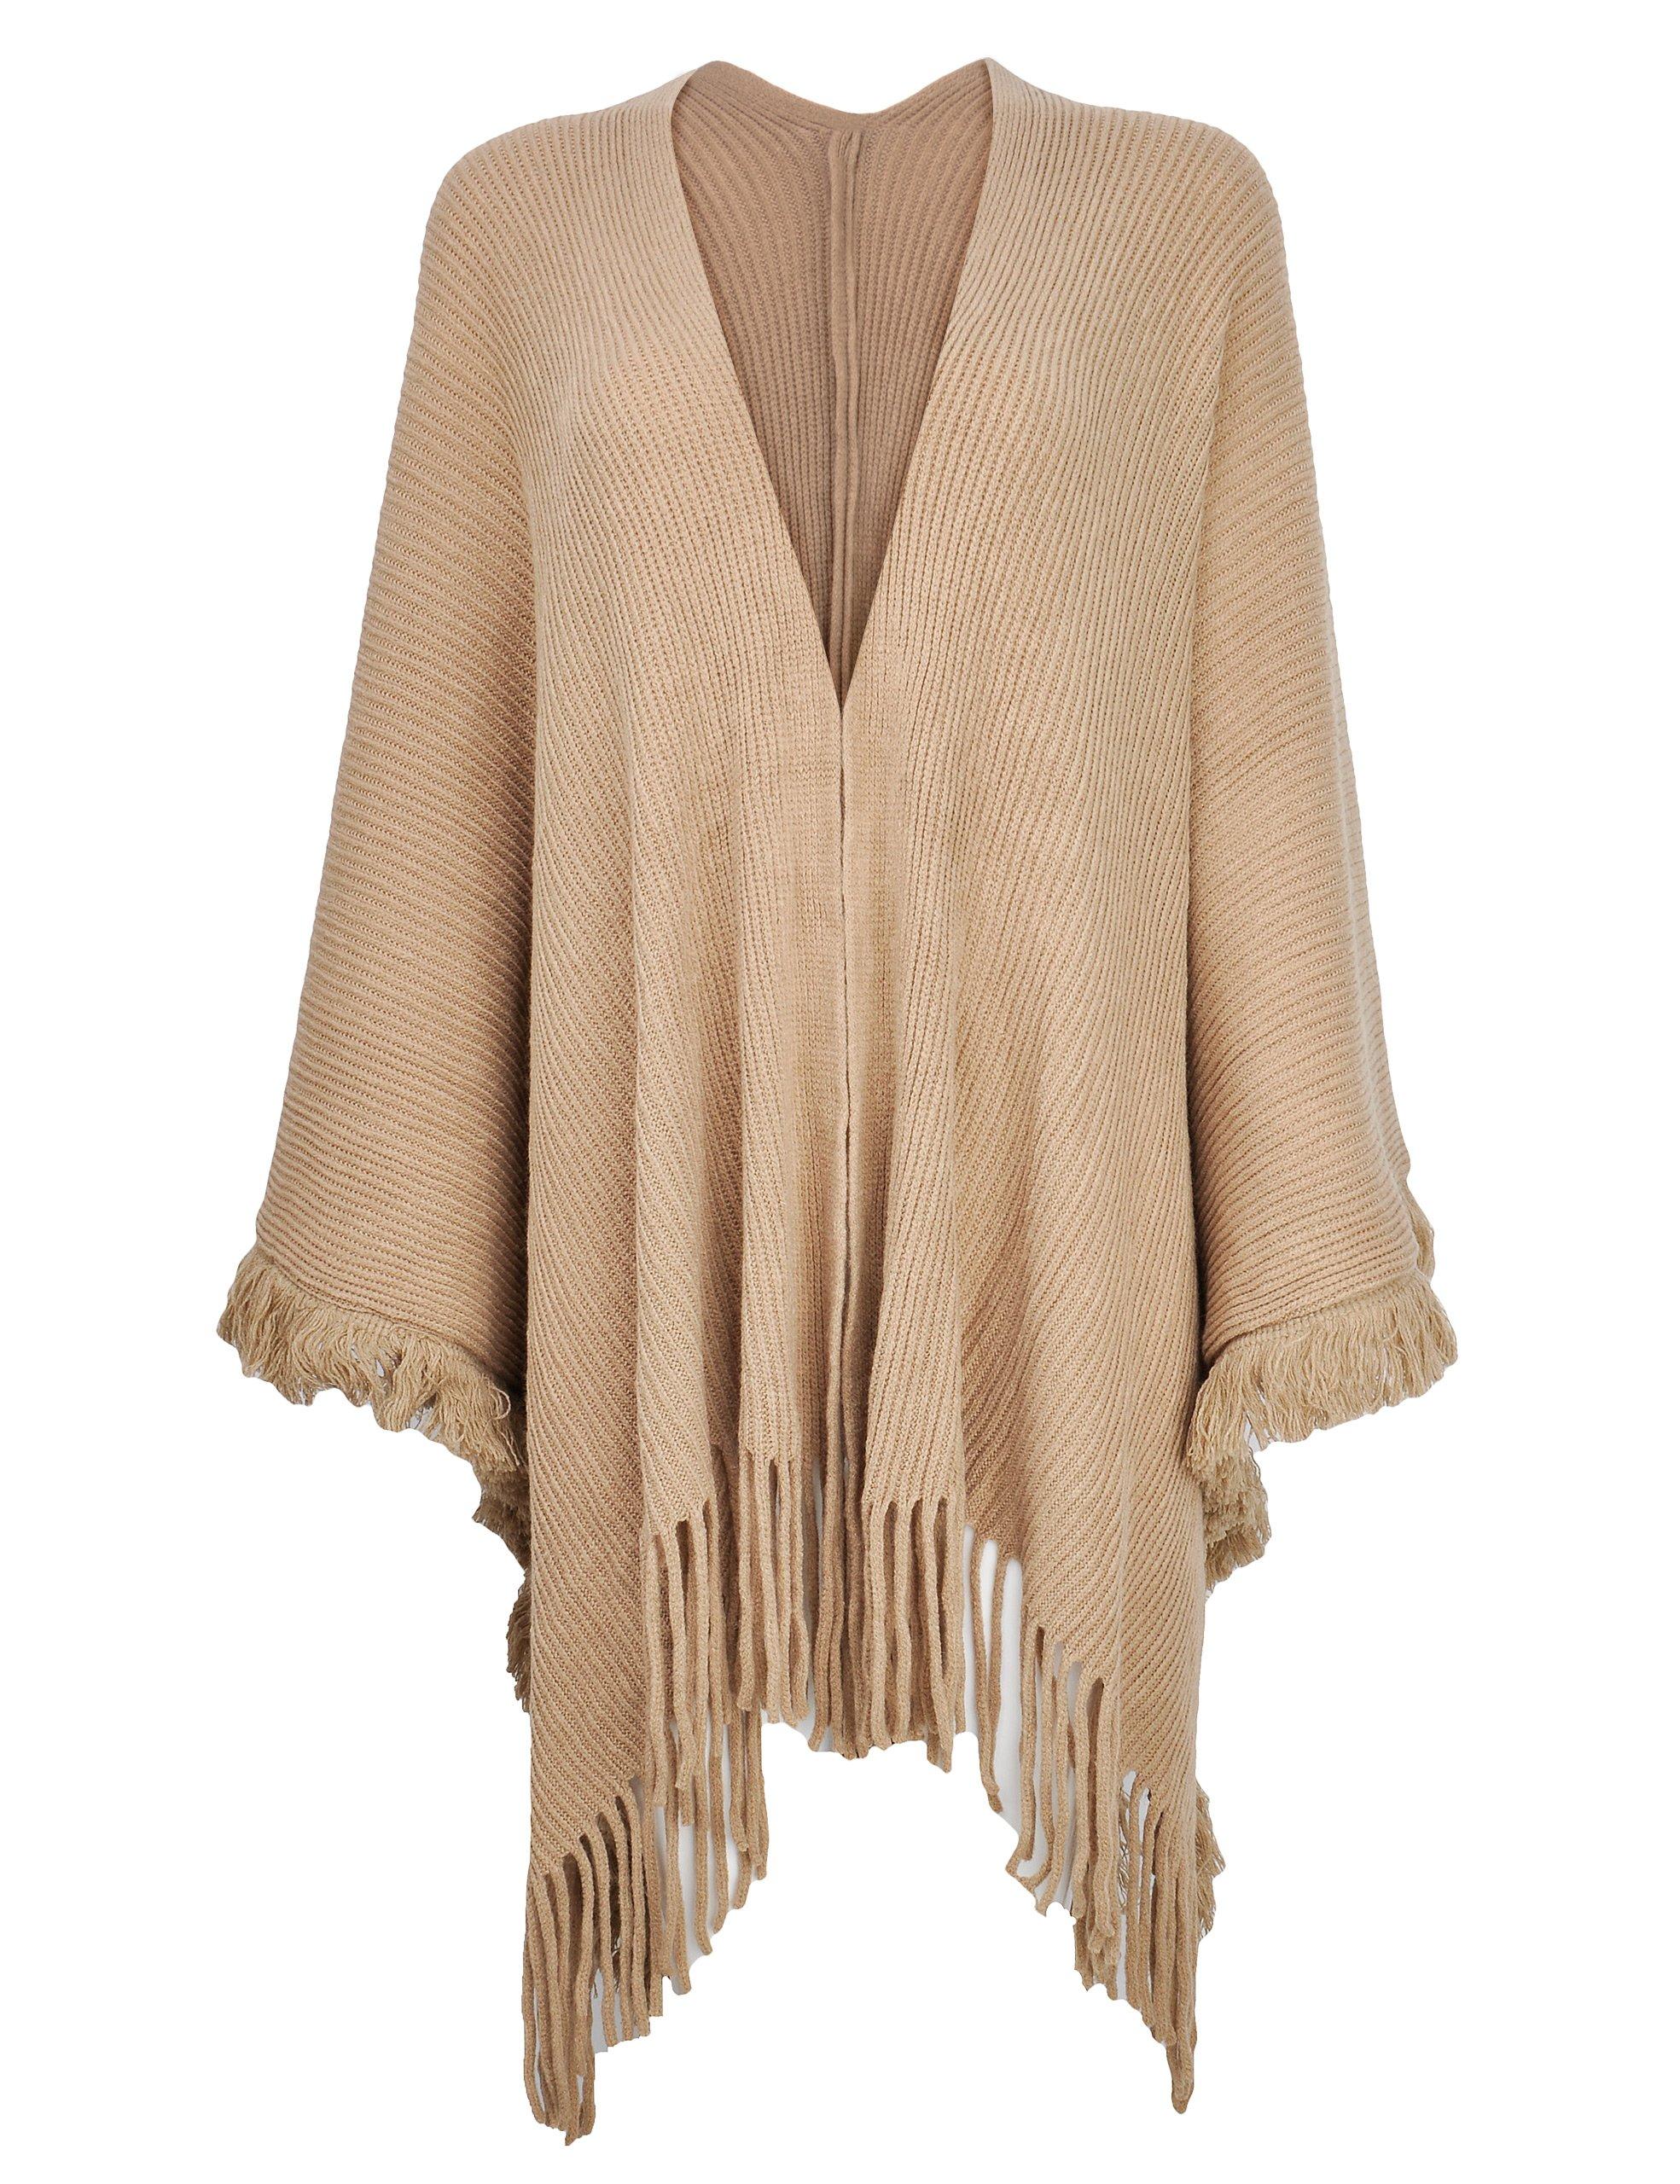 ZLYC Women's Shawl Wrap Open Front Fringe Poncho Cape Sweater Coat Cardigan (Khaki)